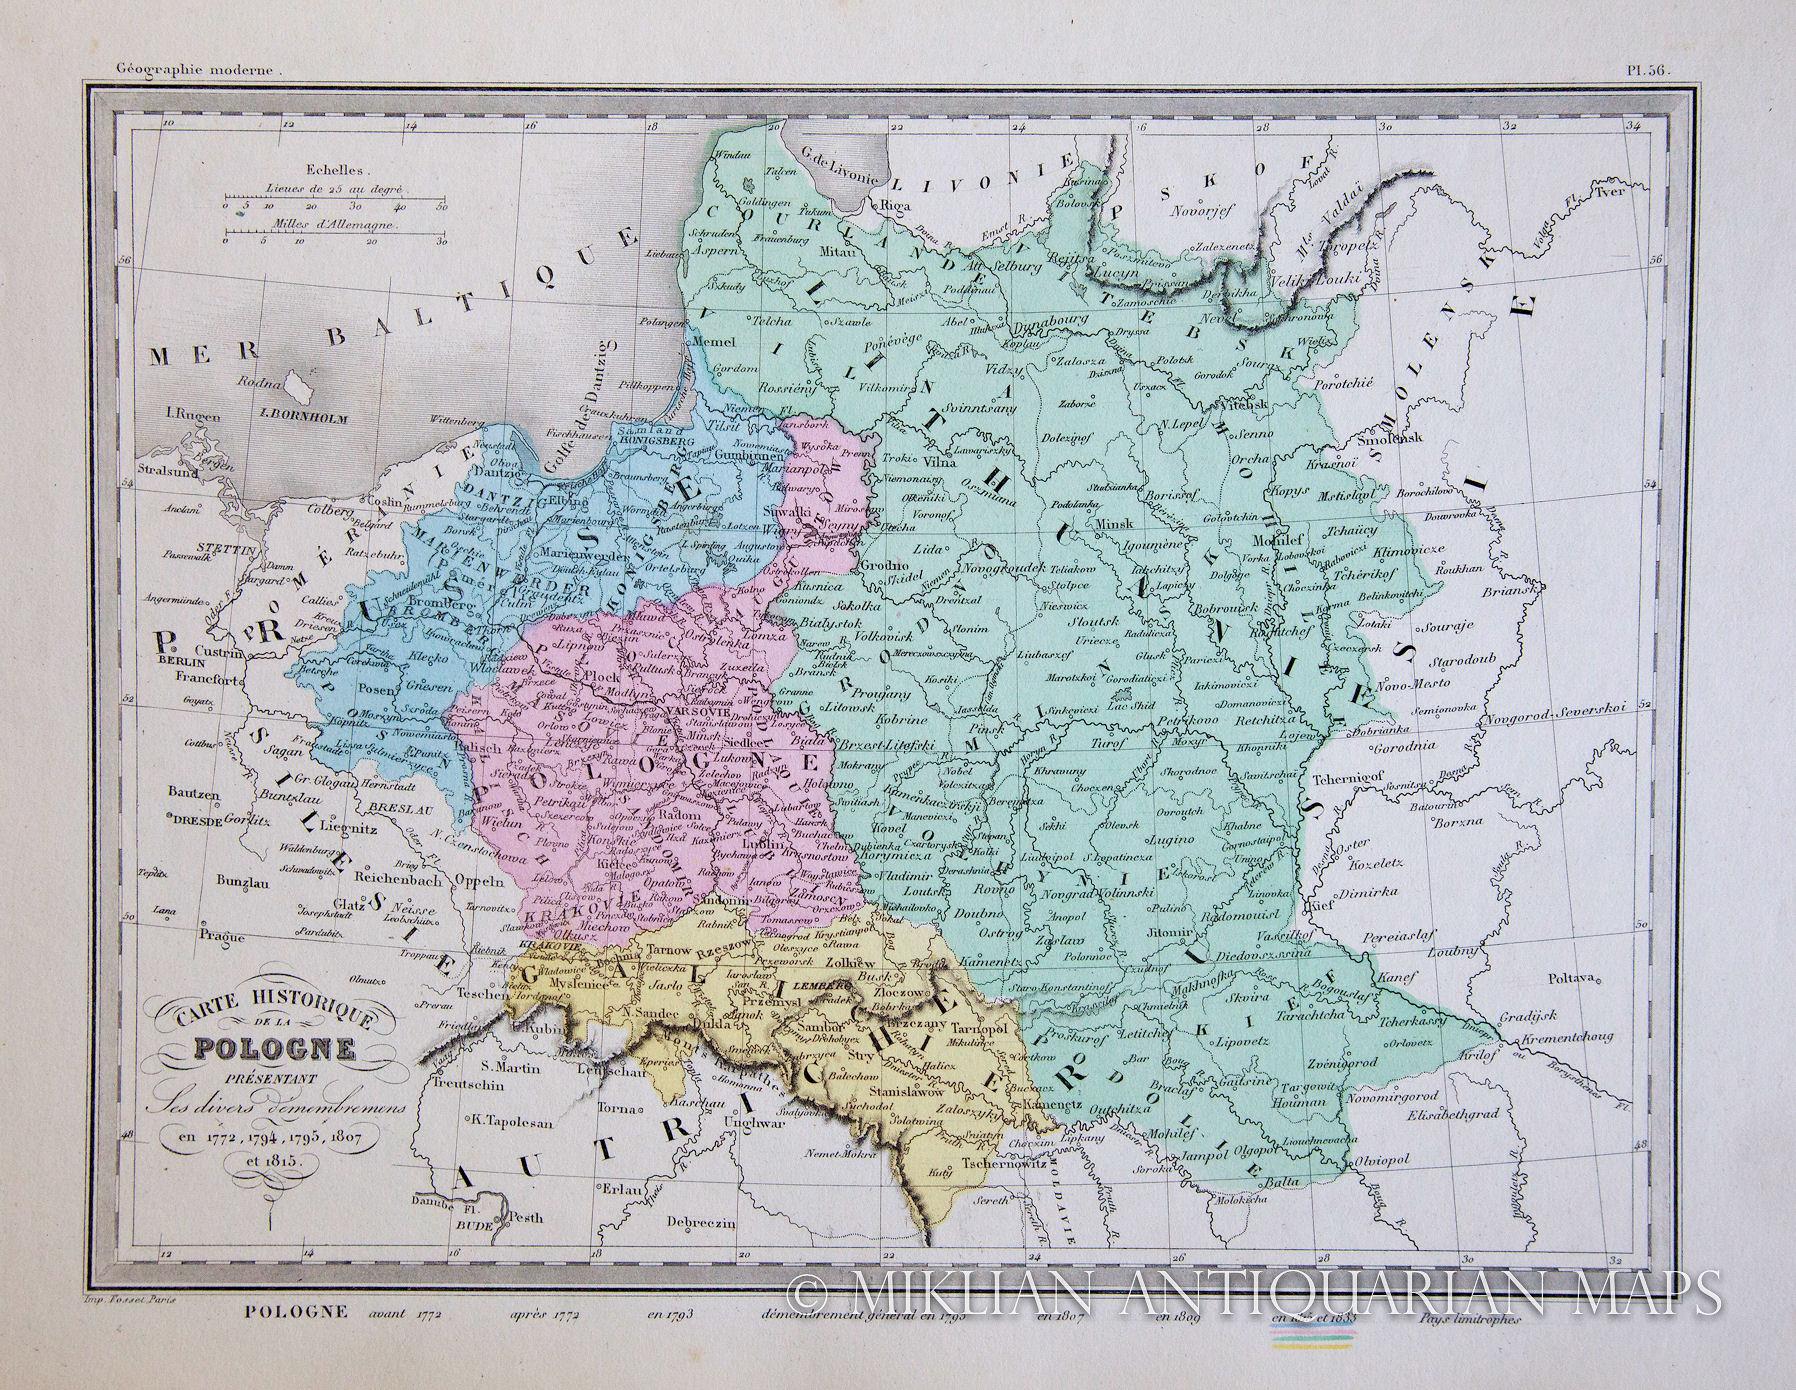 Maps1851 75 et 1815 paris 295 x 22 cm from atlas de la geographie universelleuvelle edition published by garnier freres gumiabroncs Image collections